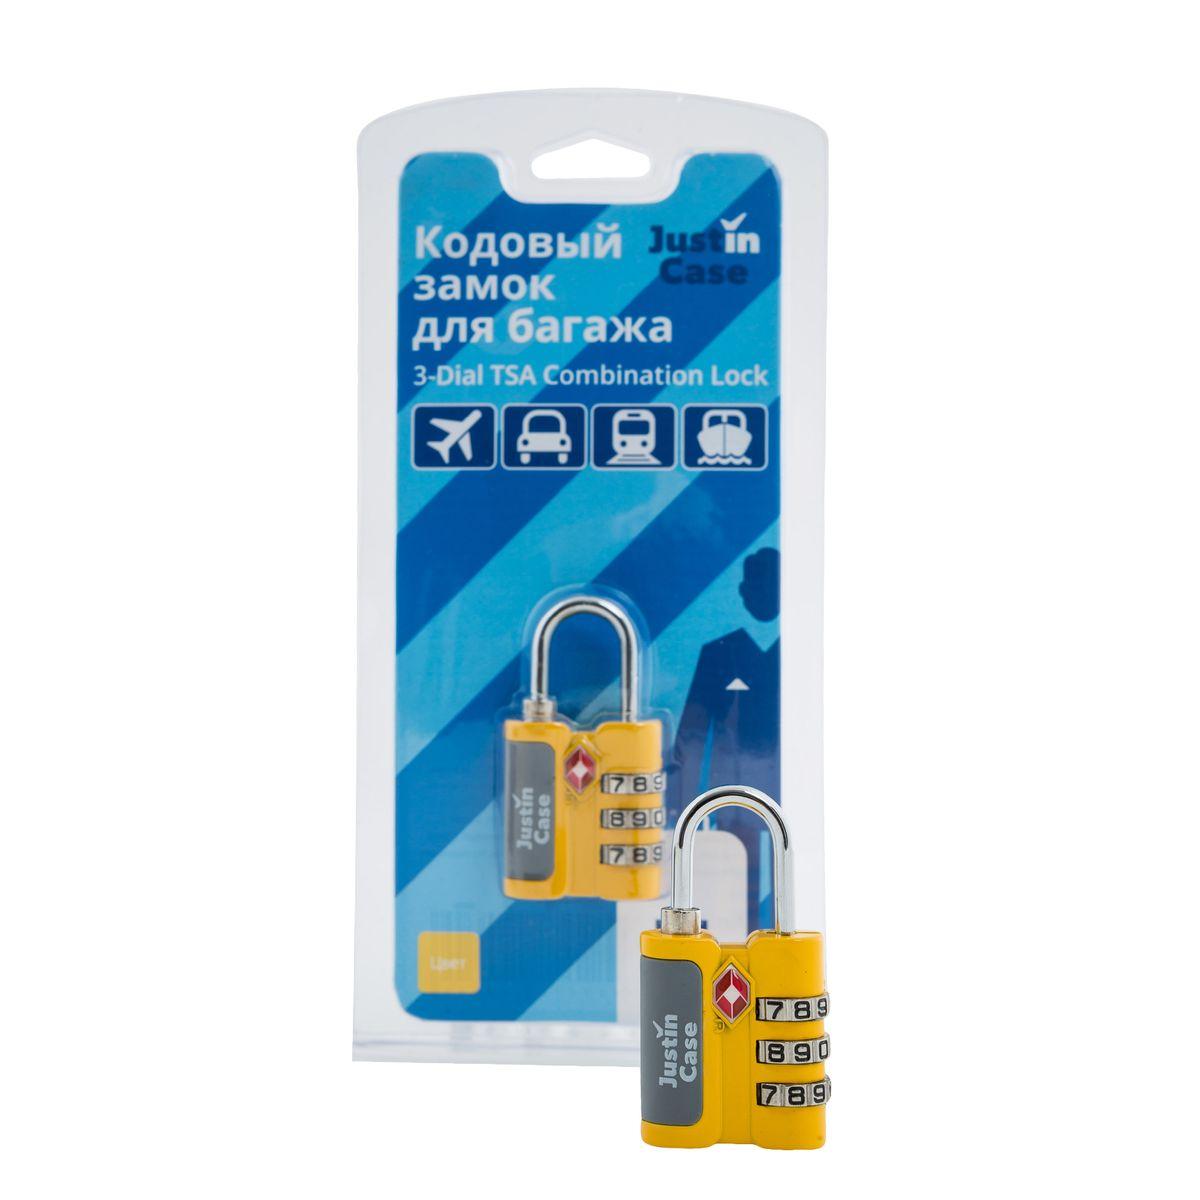 Замок для багажа JustinCase 3-Dial TSA Combination Lock, цвет: желтый4670018862011Еще один вариант защиты багажа - компактный кодовый багажный замок. Кодовый замок JustinCase 3-Dial TSA Combination Lock отличается от обычного тем, что вы можете установить собственную, известную только вам комбинацию цифр, без которой кодовый замок для багажа просто не откроется. Замок этот очень прочен - изготовлен из цинкового сплава. Если в вашем багаже есть хоть одна ценная вещь, такой замок позволит вам спокойно сдавать чемоданы и сумки багажным службам.